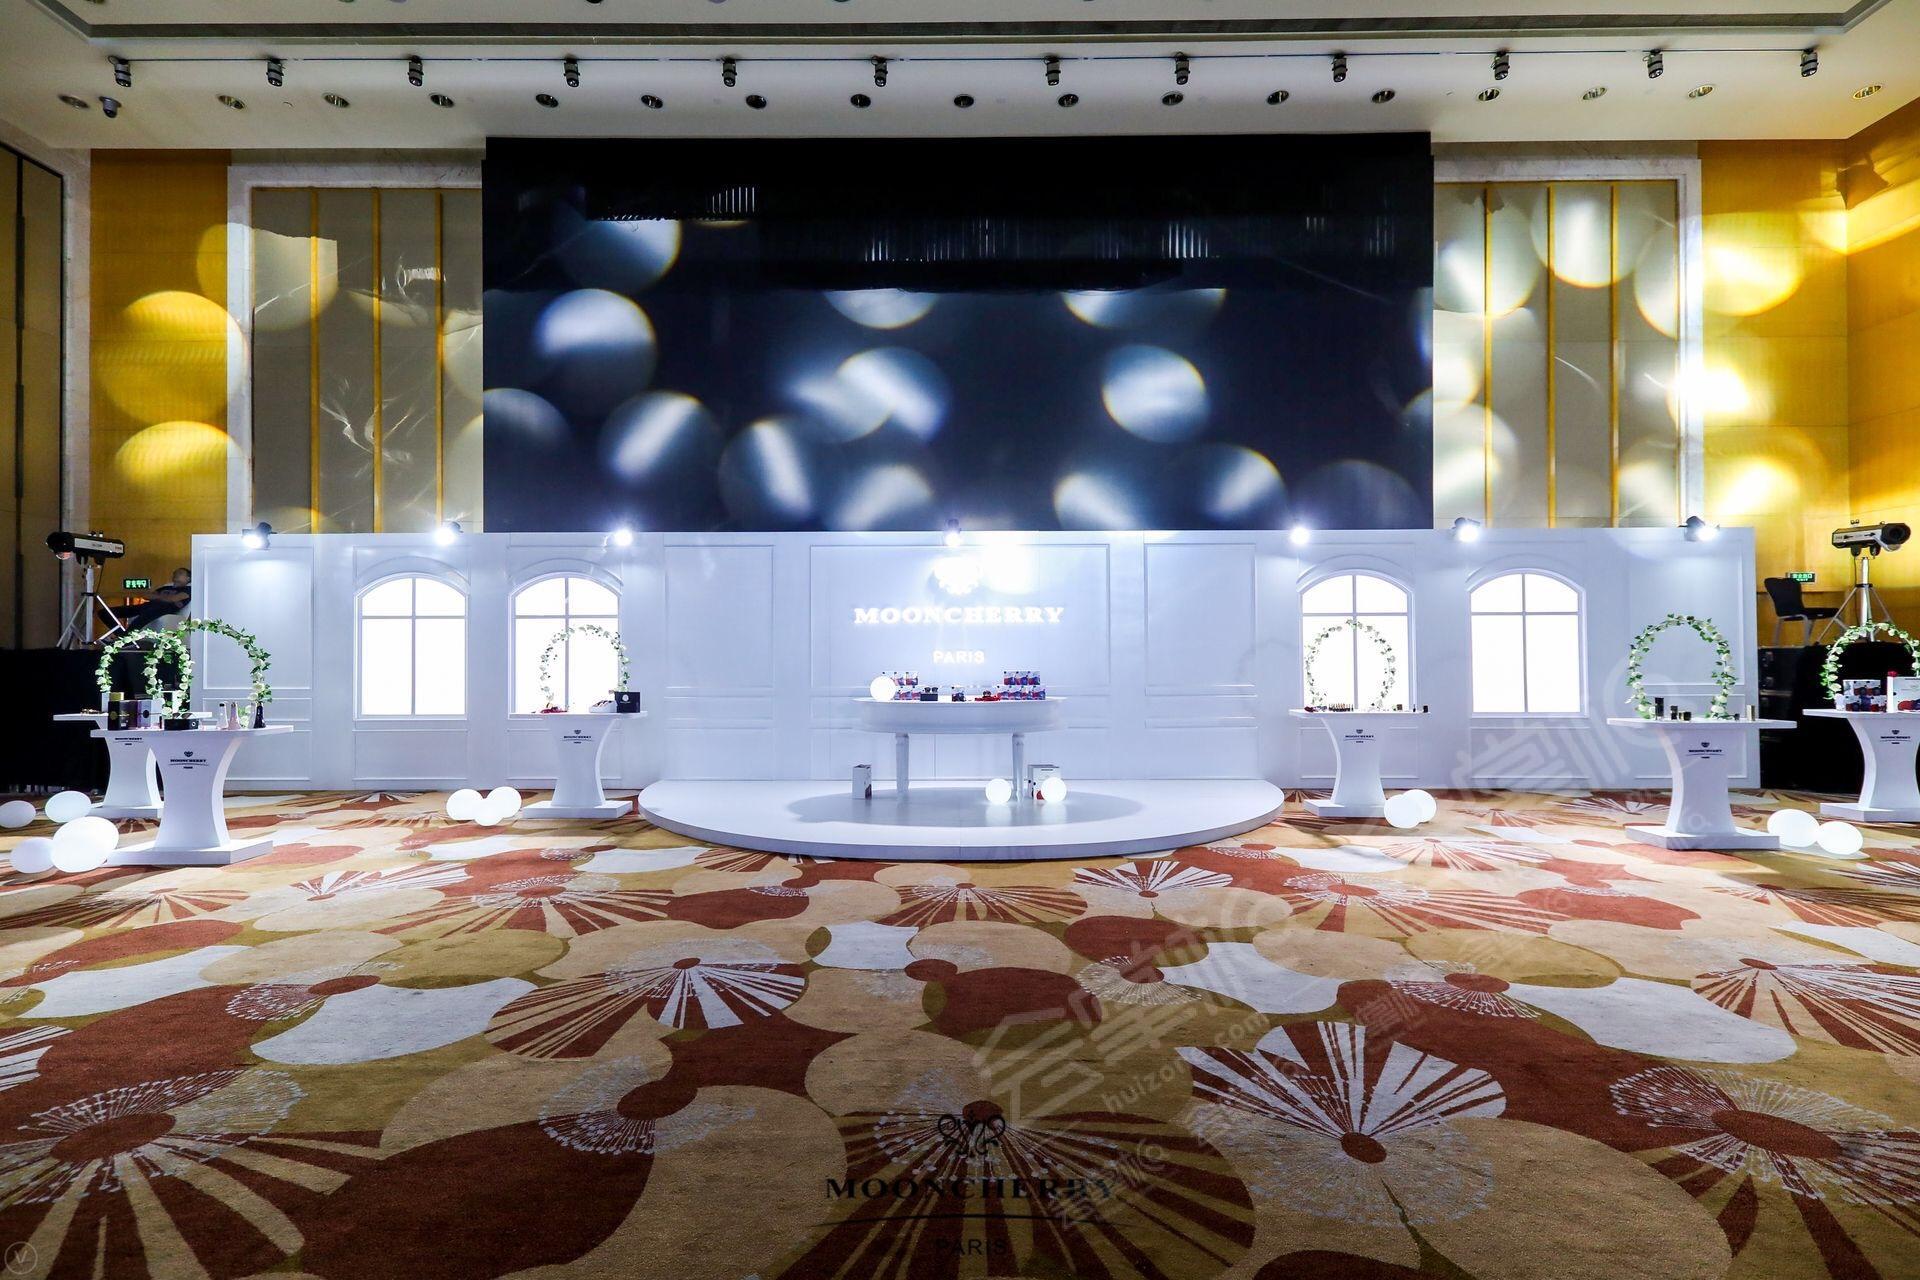 广州万富希尔顿酒店动态:时尚梦泉2018芳华之夜,精英盛典 地点:广州万富希尔顿酒店